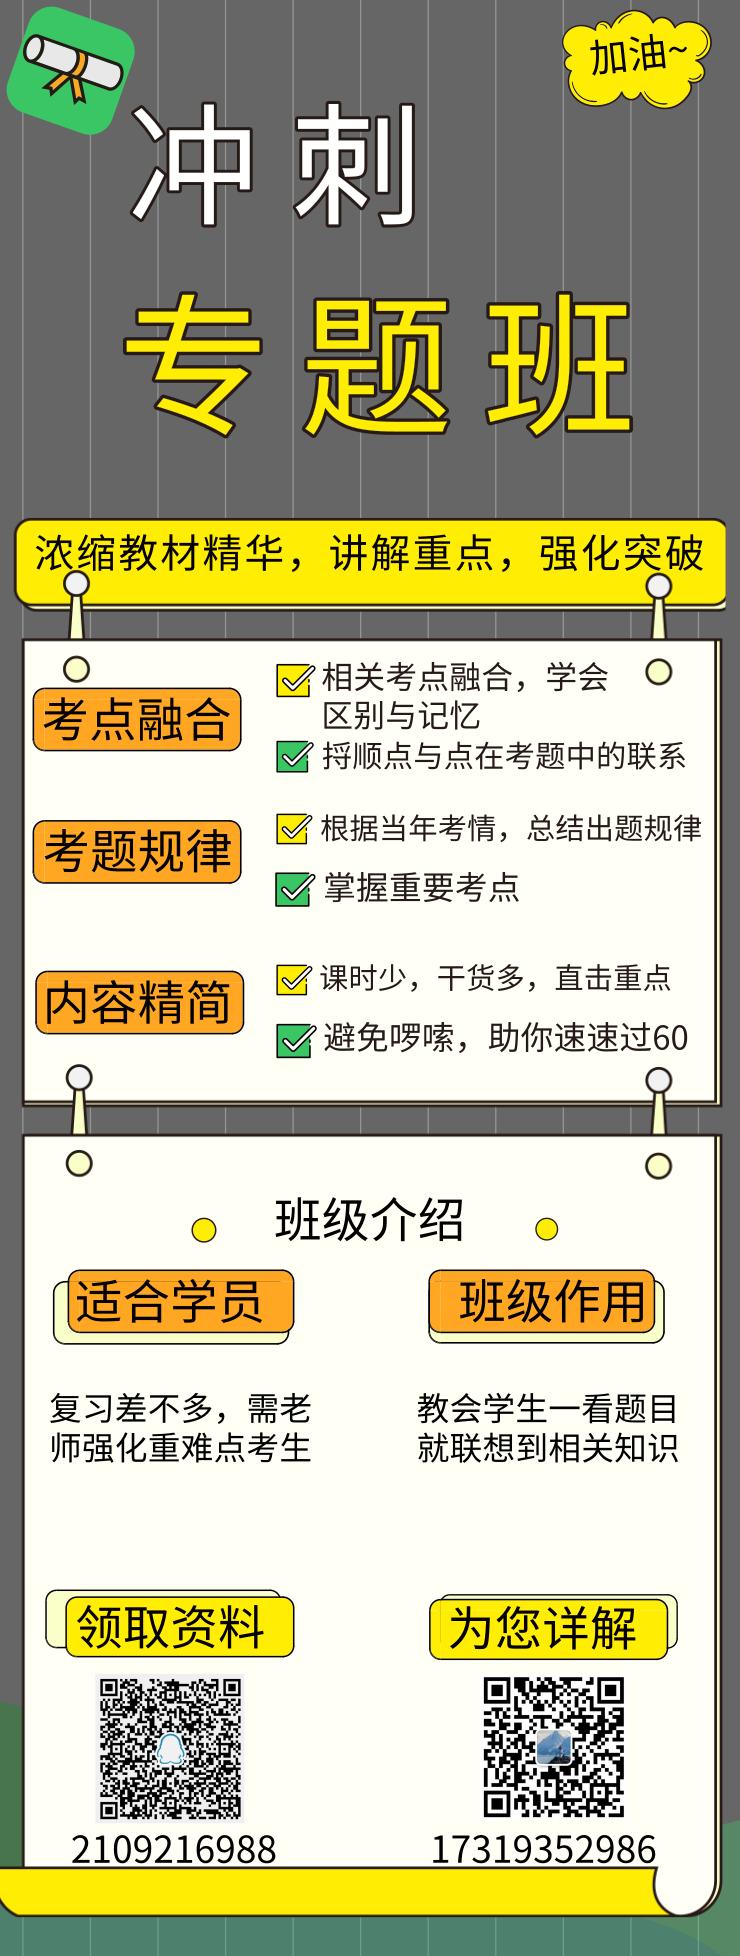 未命名_自定义px_2019.10.09.png